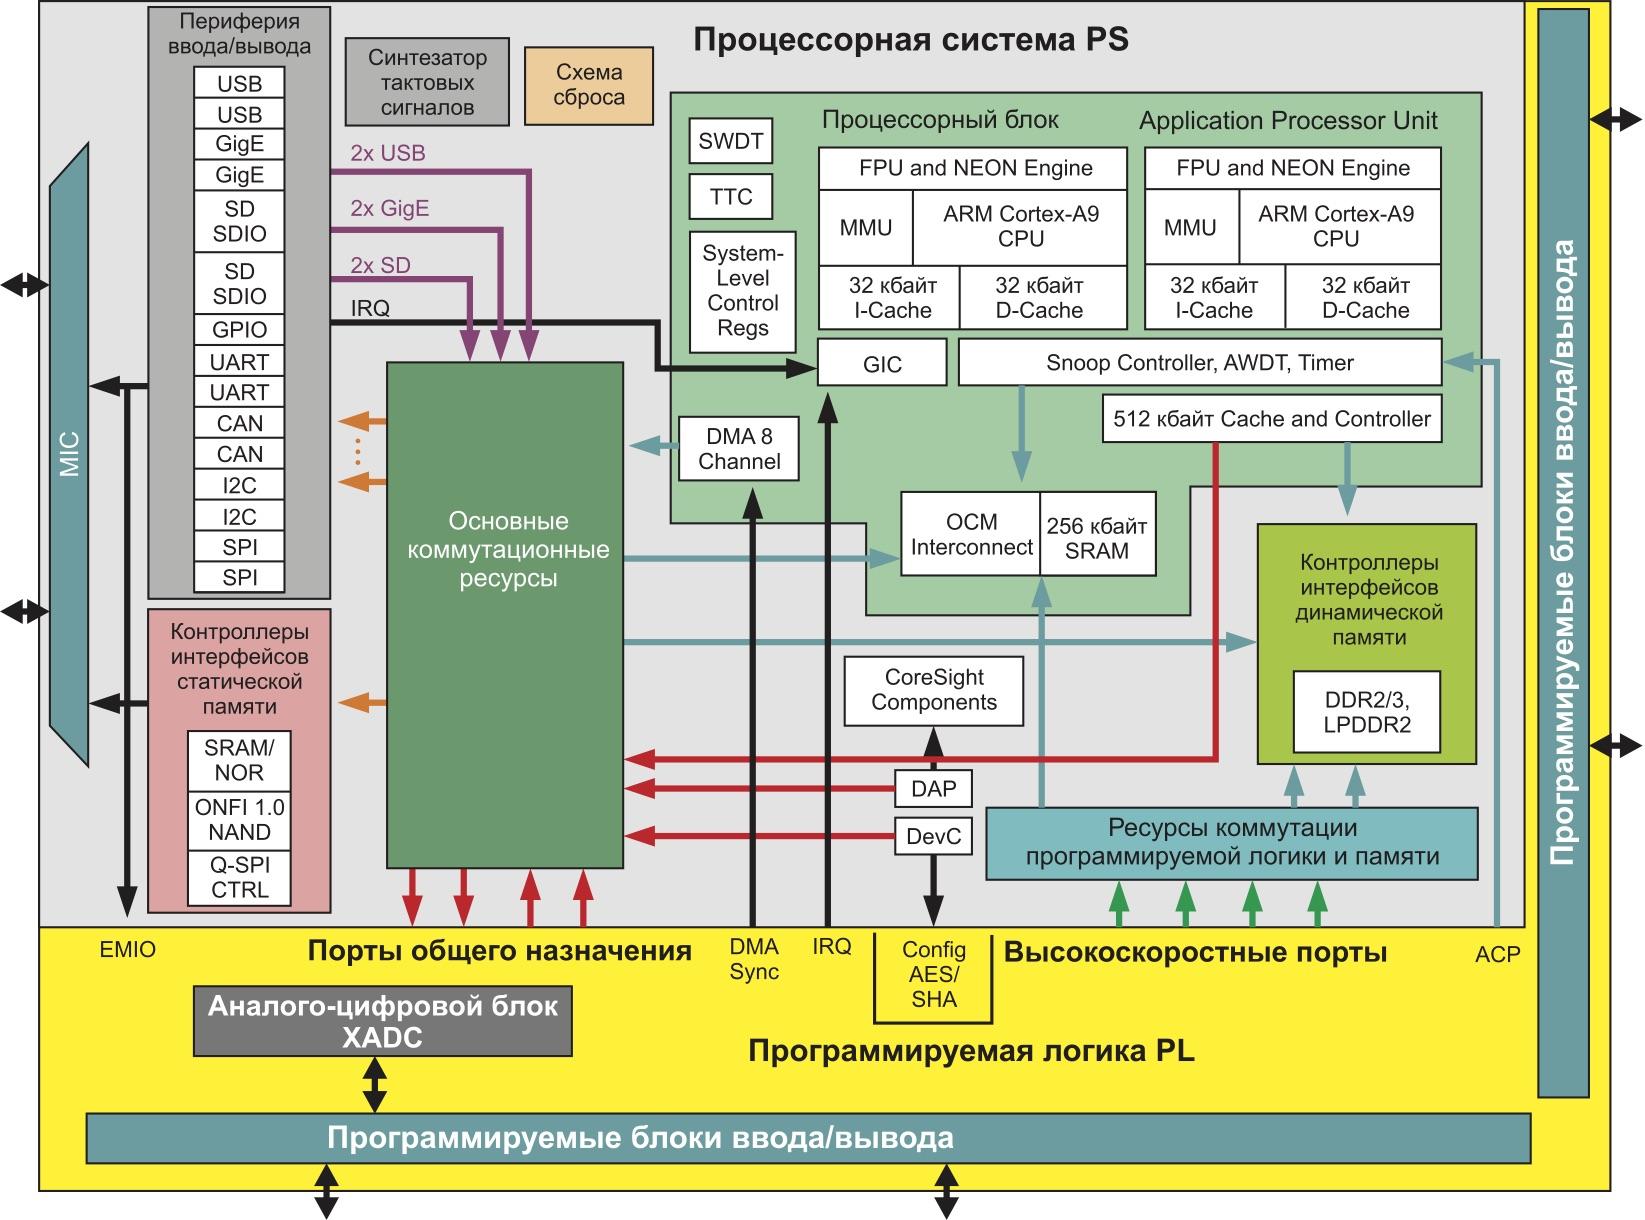 Обобщенная архитектура программируемых систем на кристалле XC7Z010 и XC7Z020